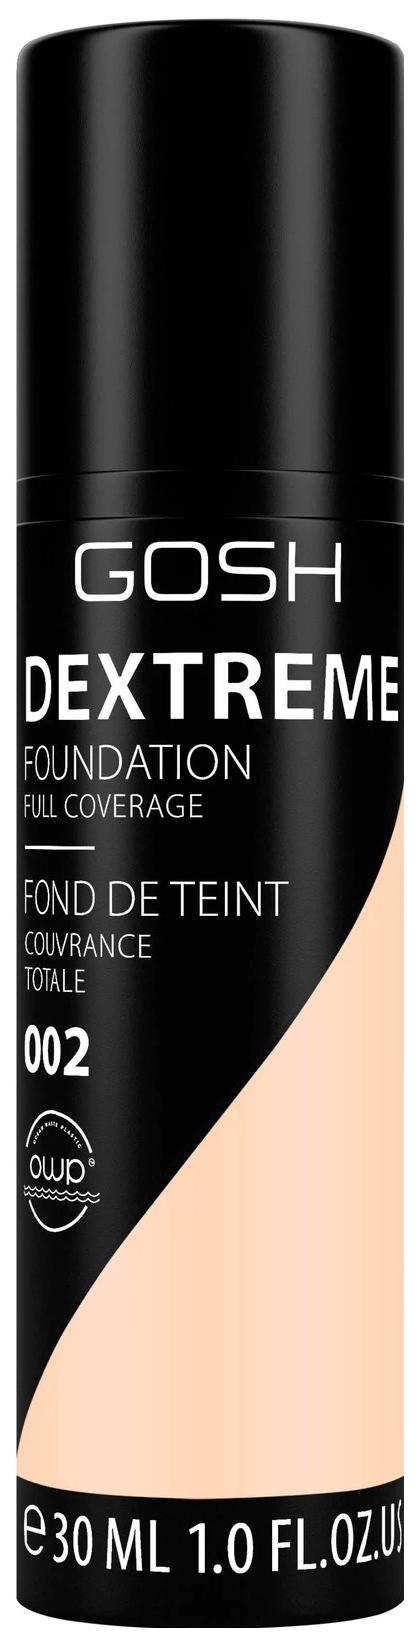 Купить Тональный крем Gosh Dextreme Full Coverage Foundation 002 Ivory 30 мл, GOSH COPENHAGEN